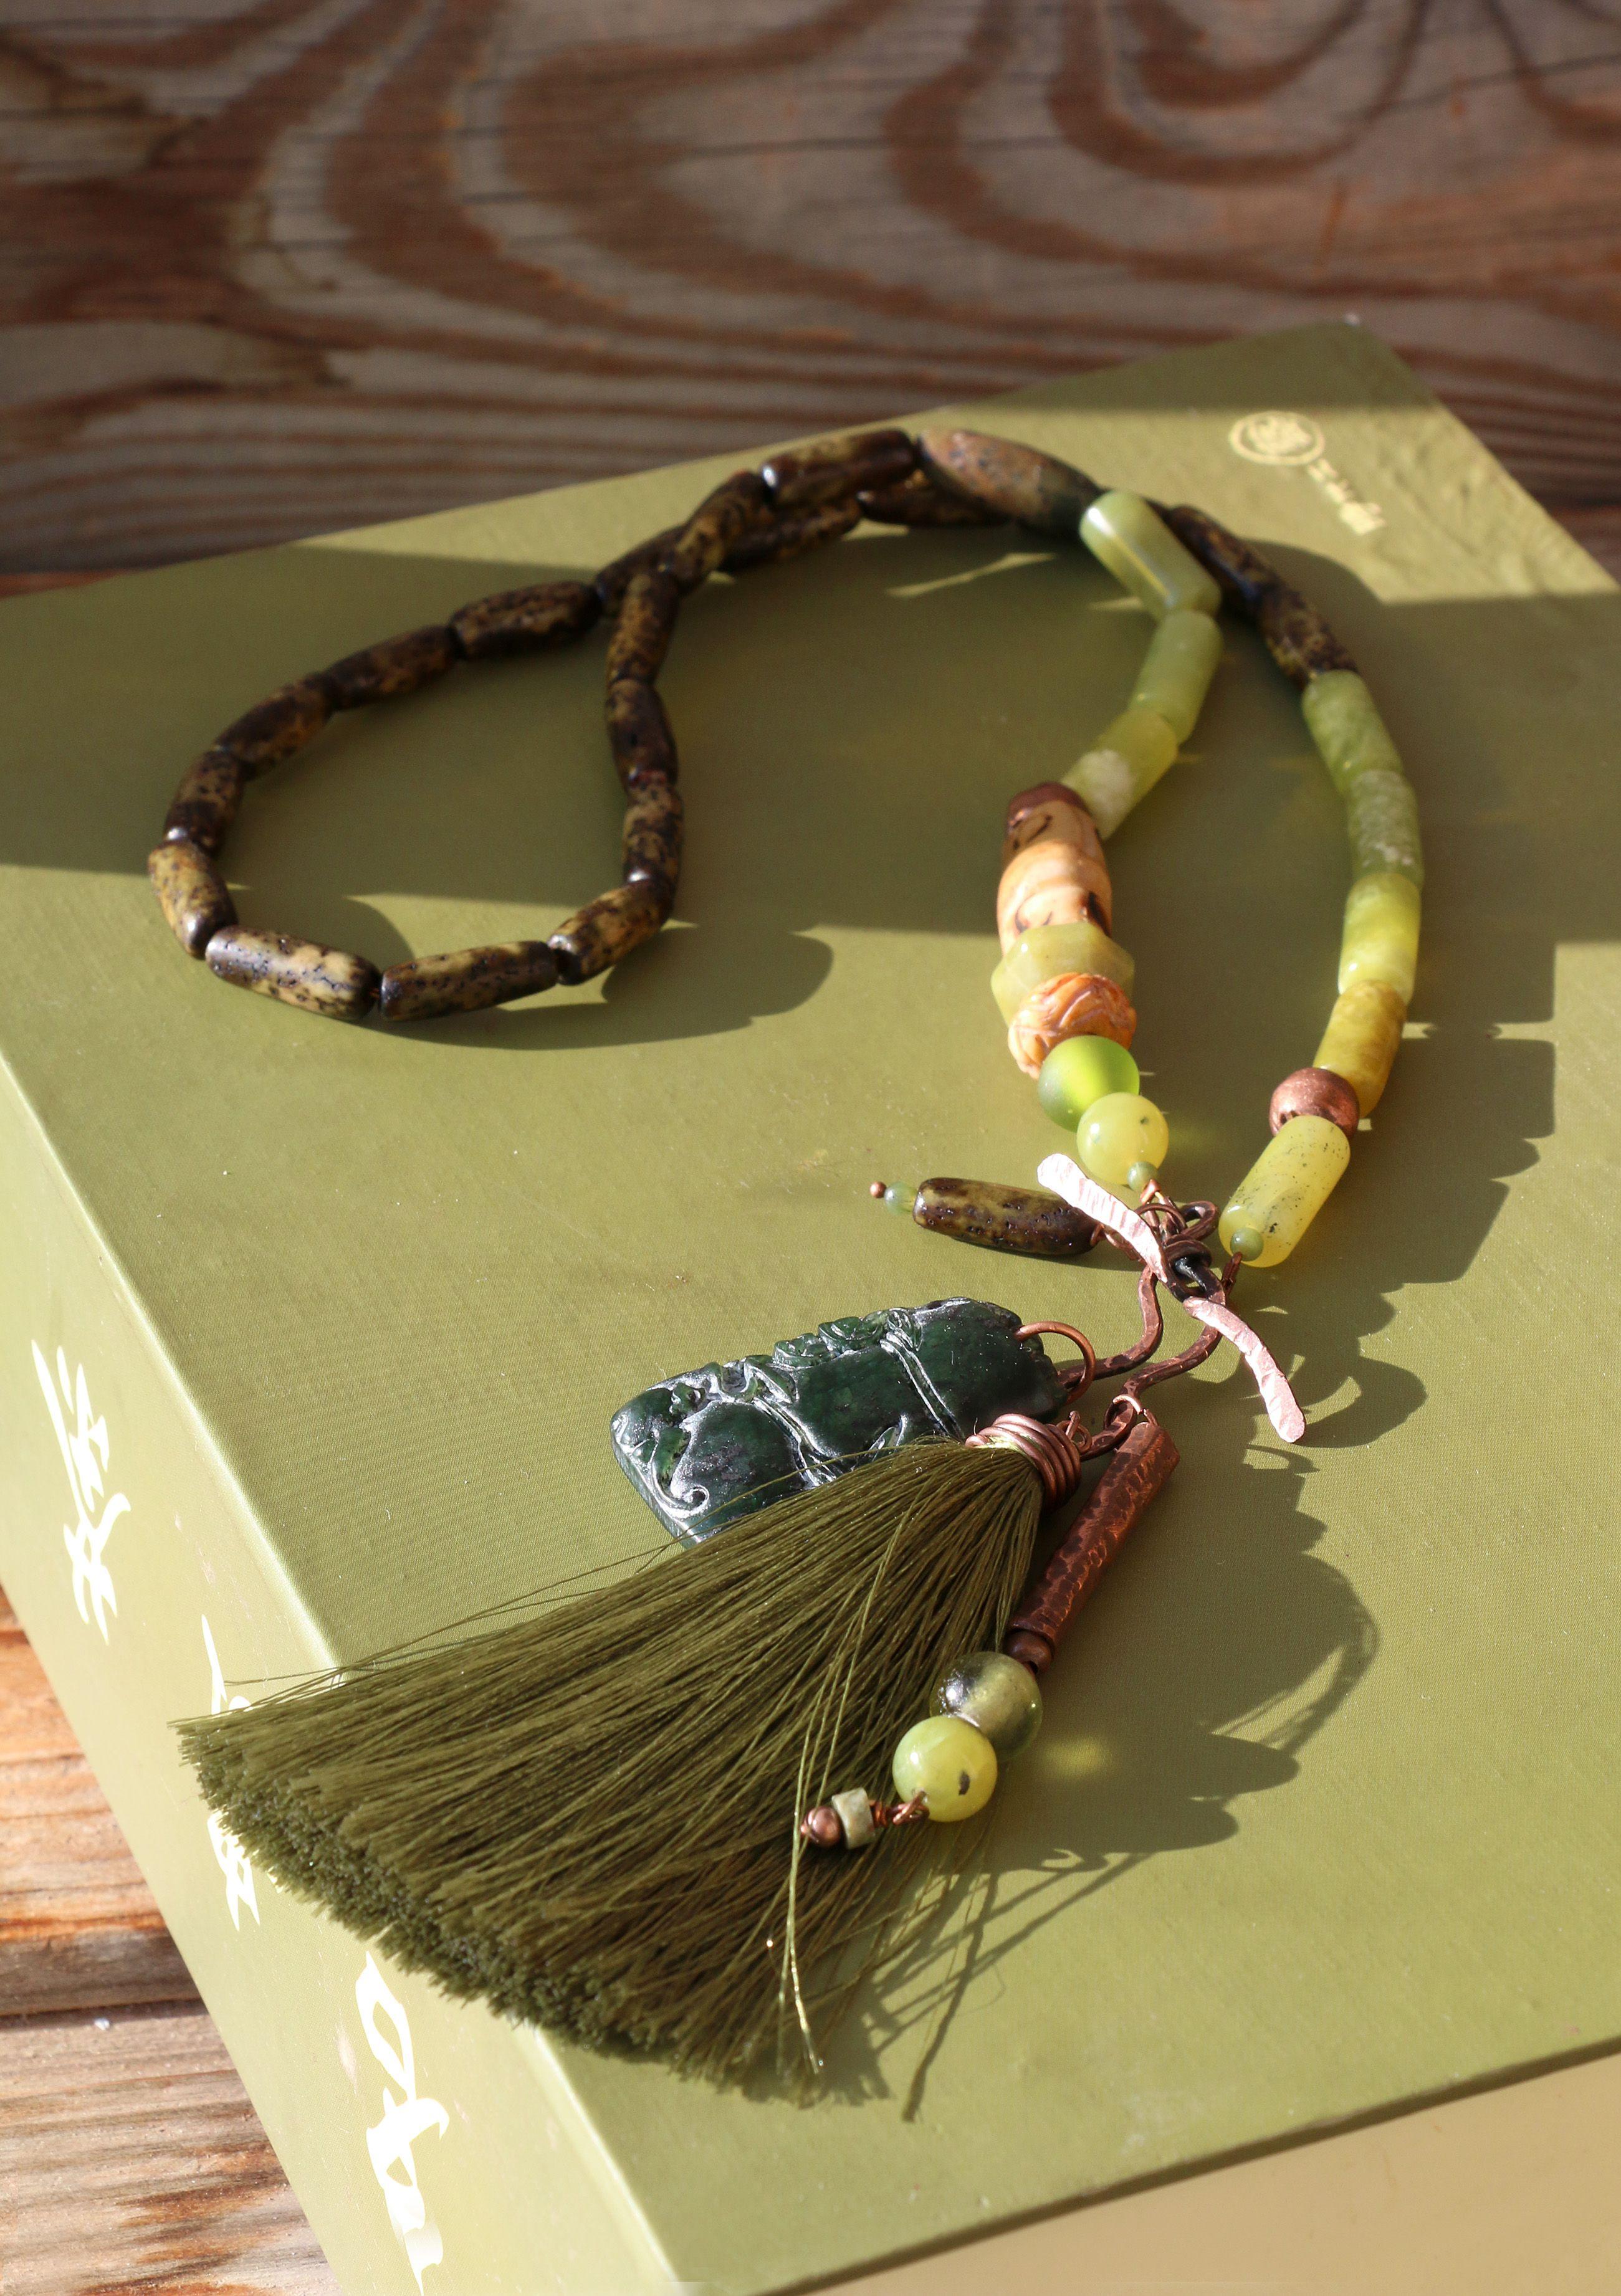 темно зеленый этнический бохо оливковый кисть шинуазри бамбук натуральные фисташковый